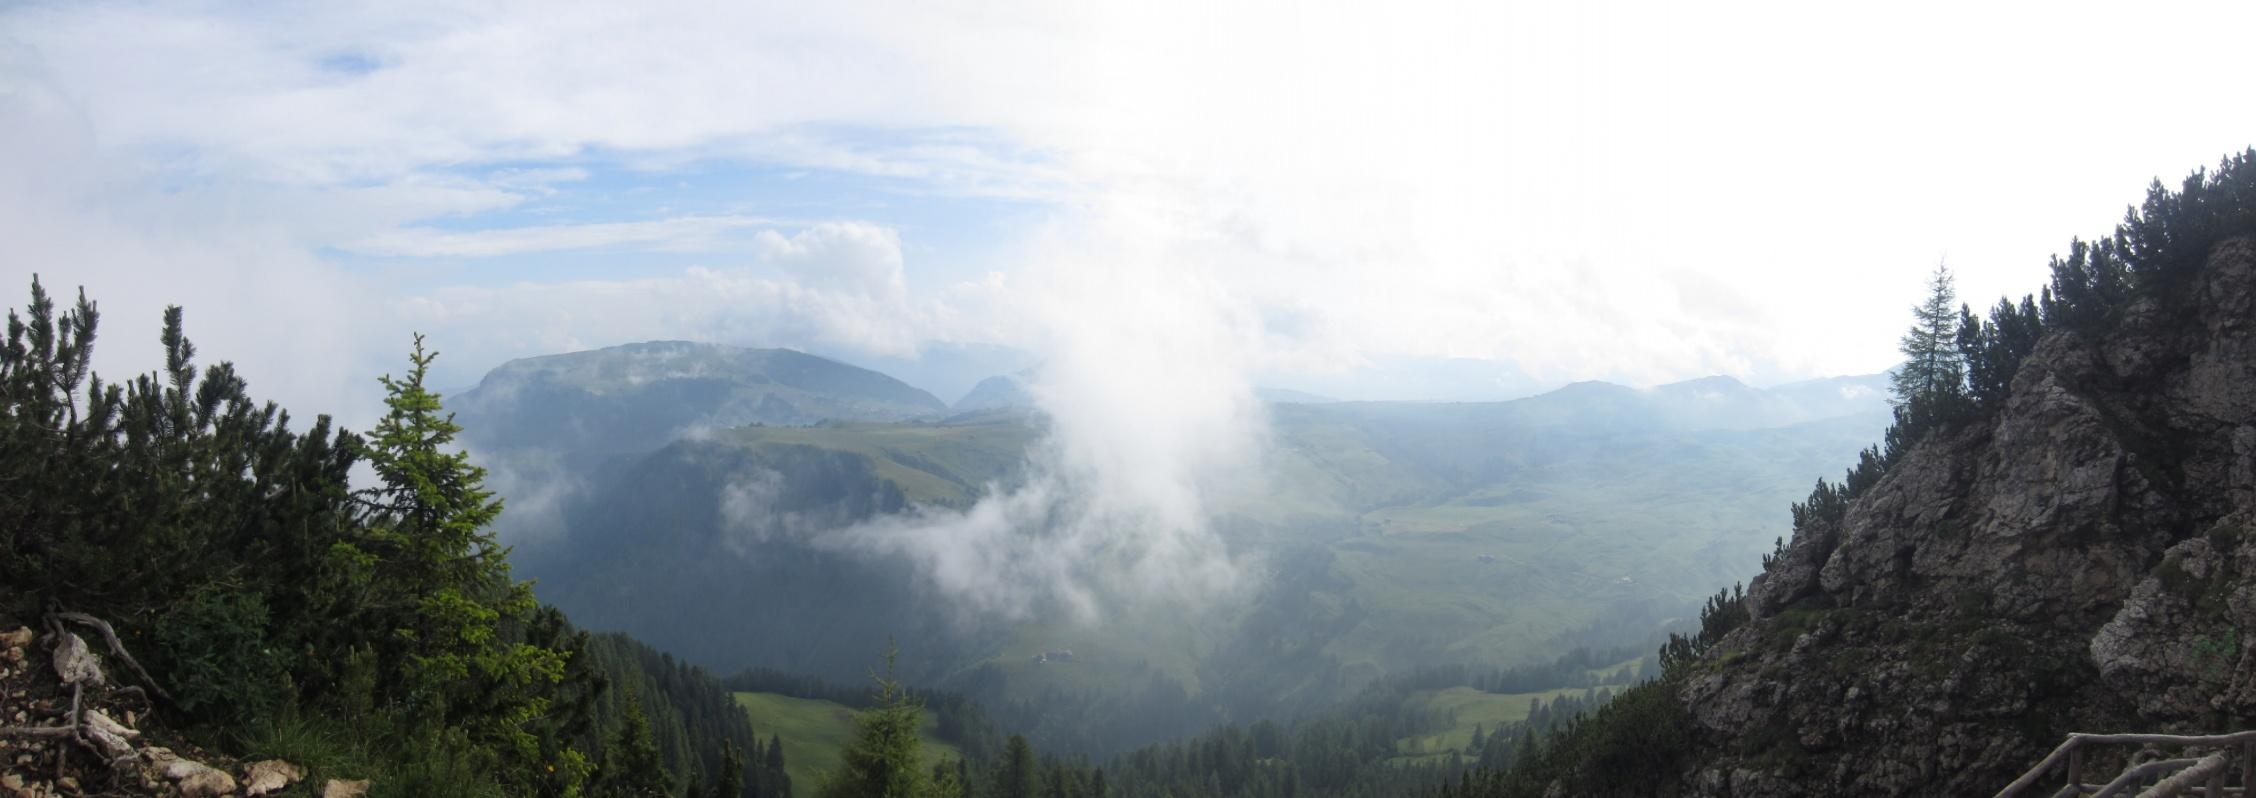 Misty view Schlern/Sciliar